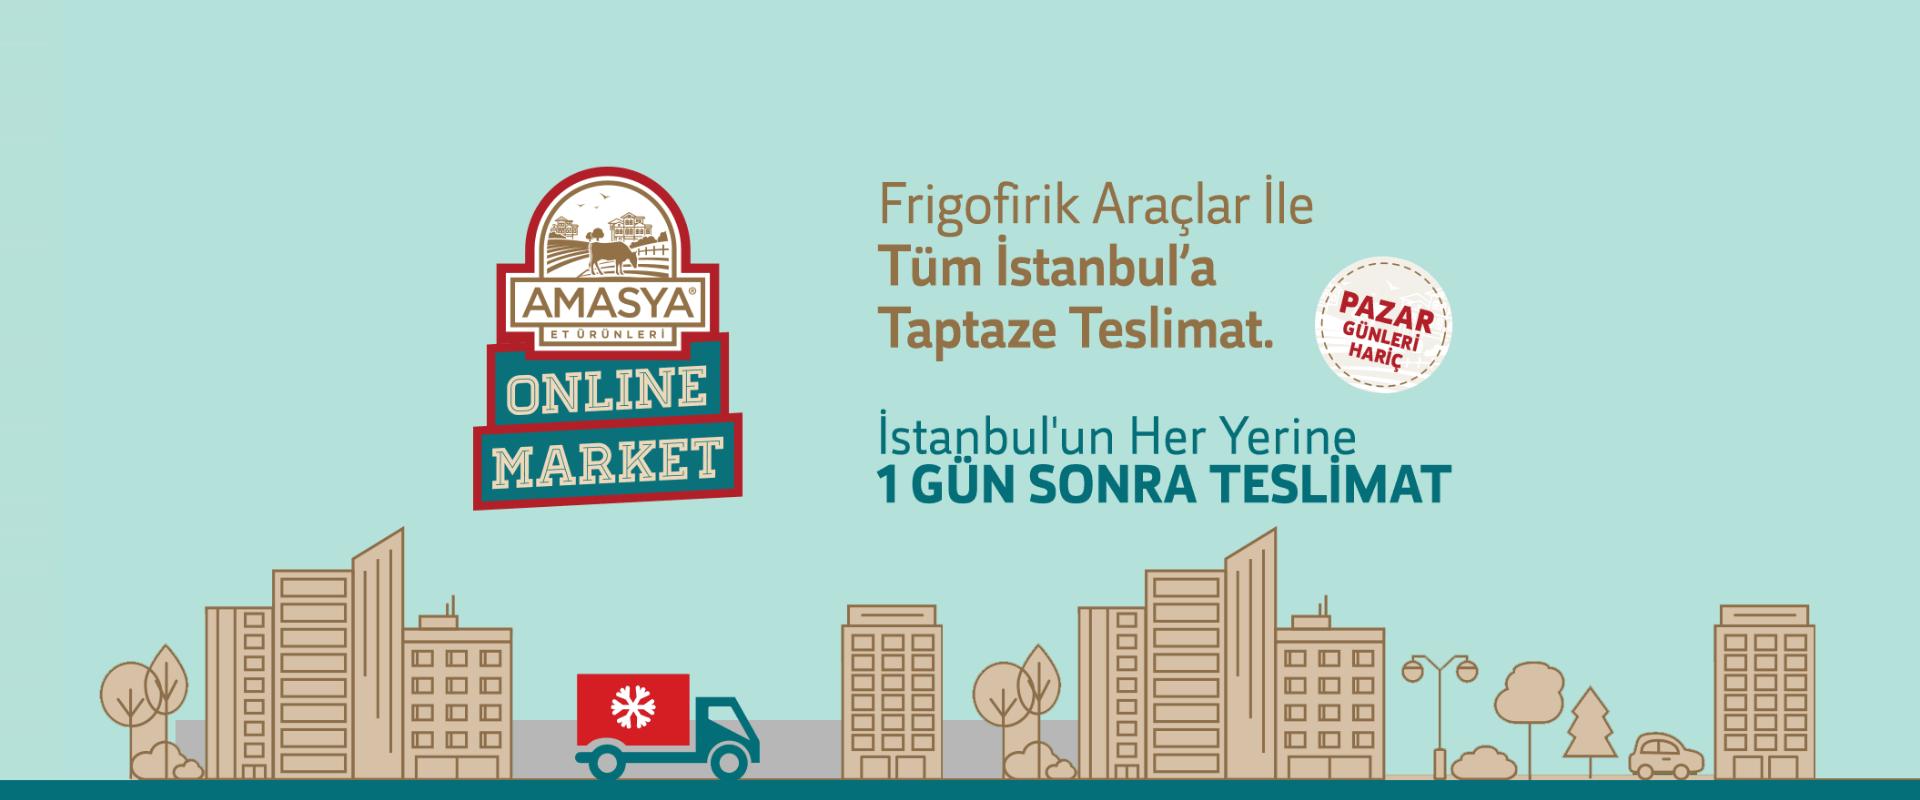 İstanbul'un Her Yerine 1 Gün Sonra Teslimat